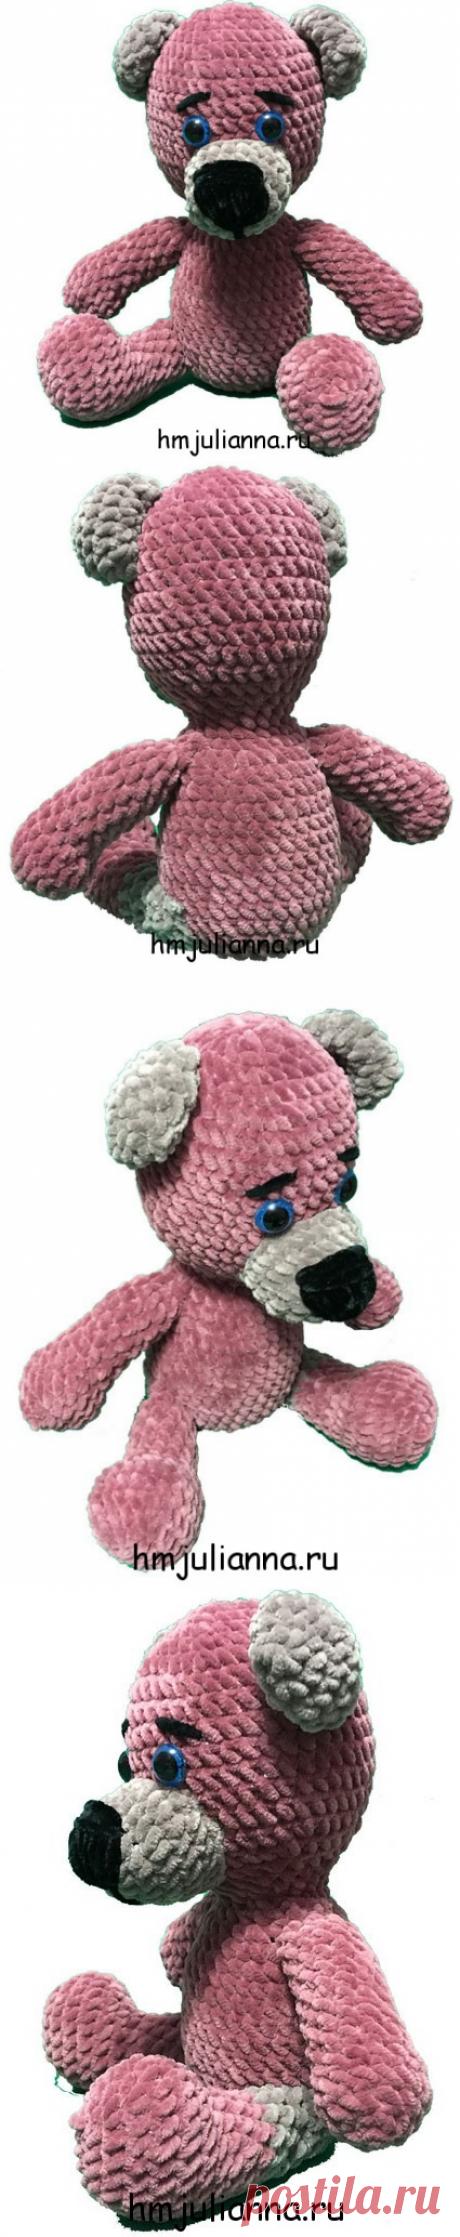 Симпатичный плюшевый медвежонок, цвет пыльная роза, 27 смМастерская рукоделия Анны Ганоцкой